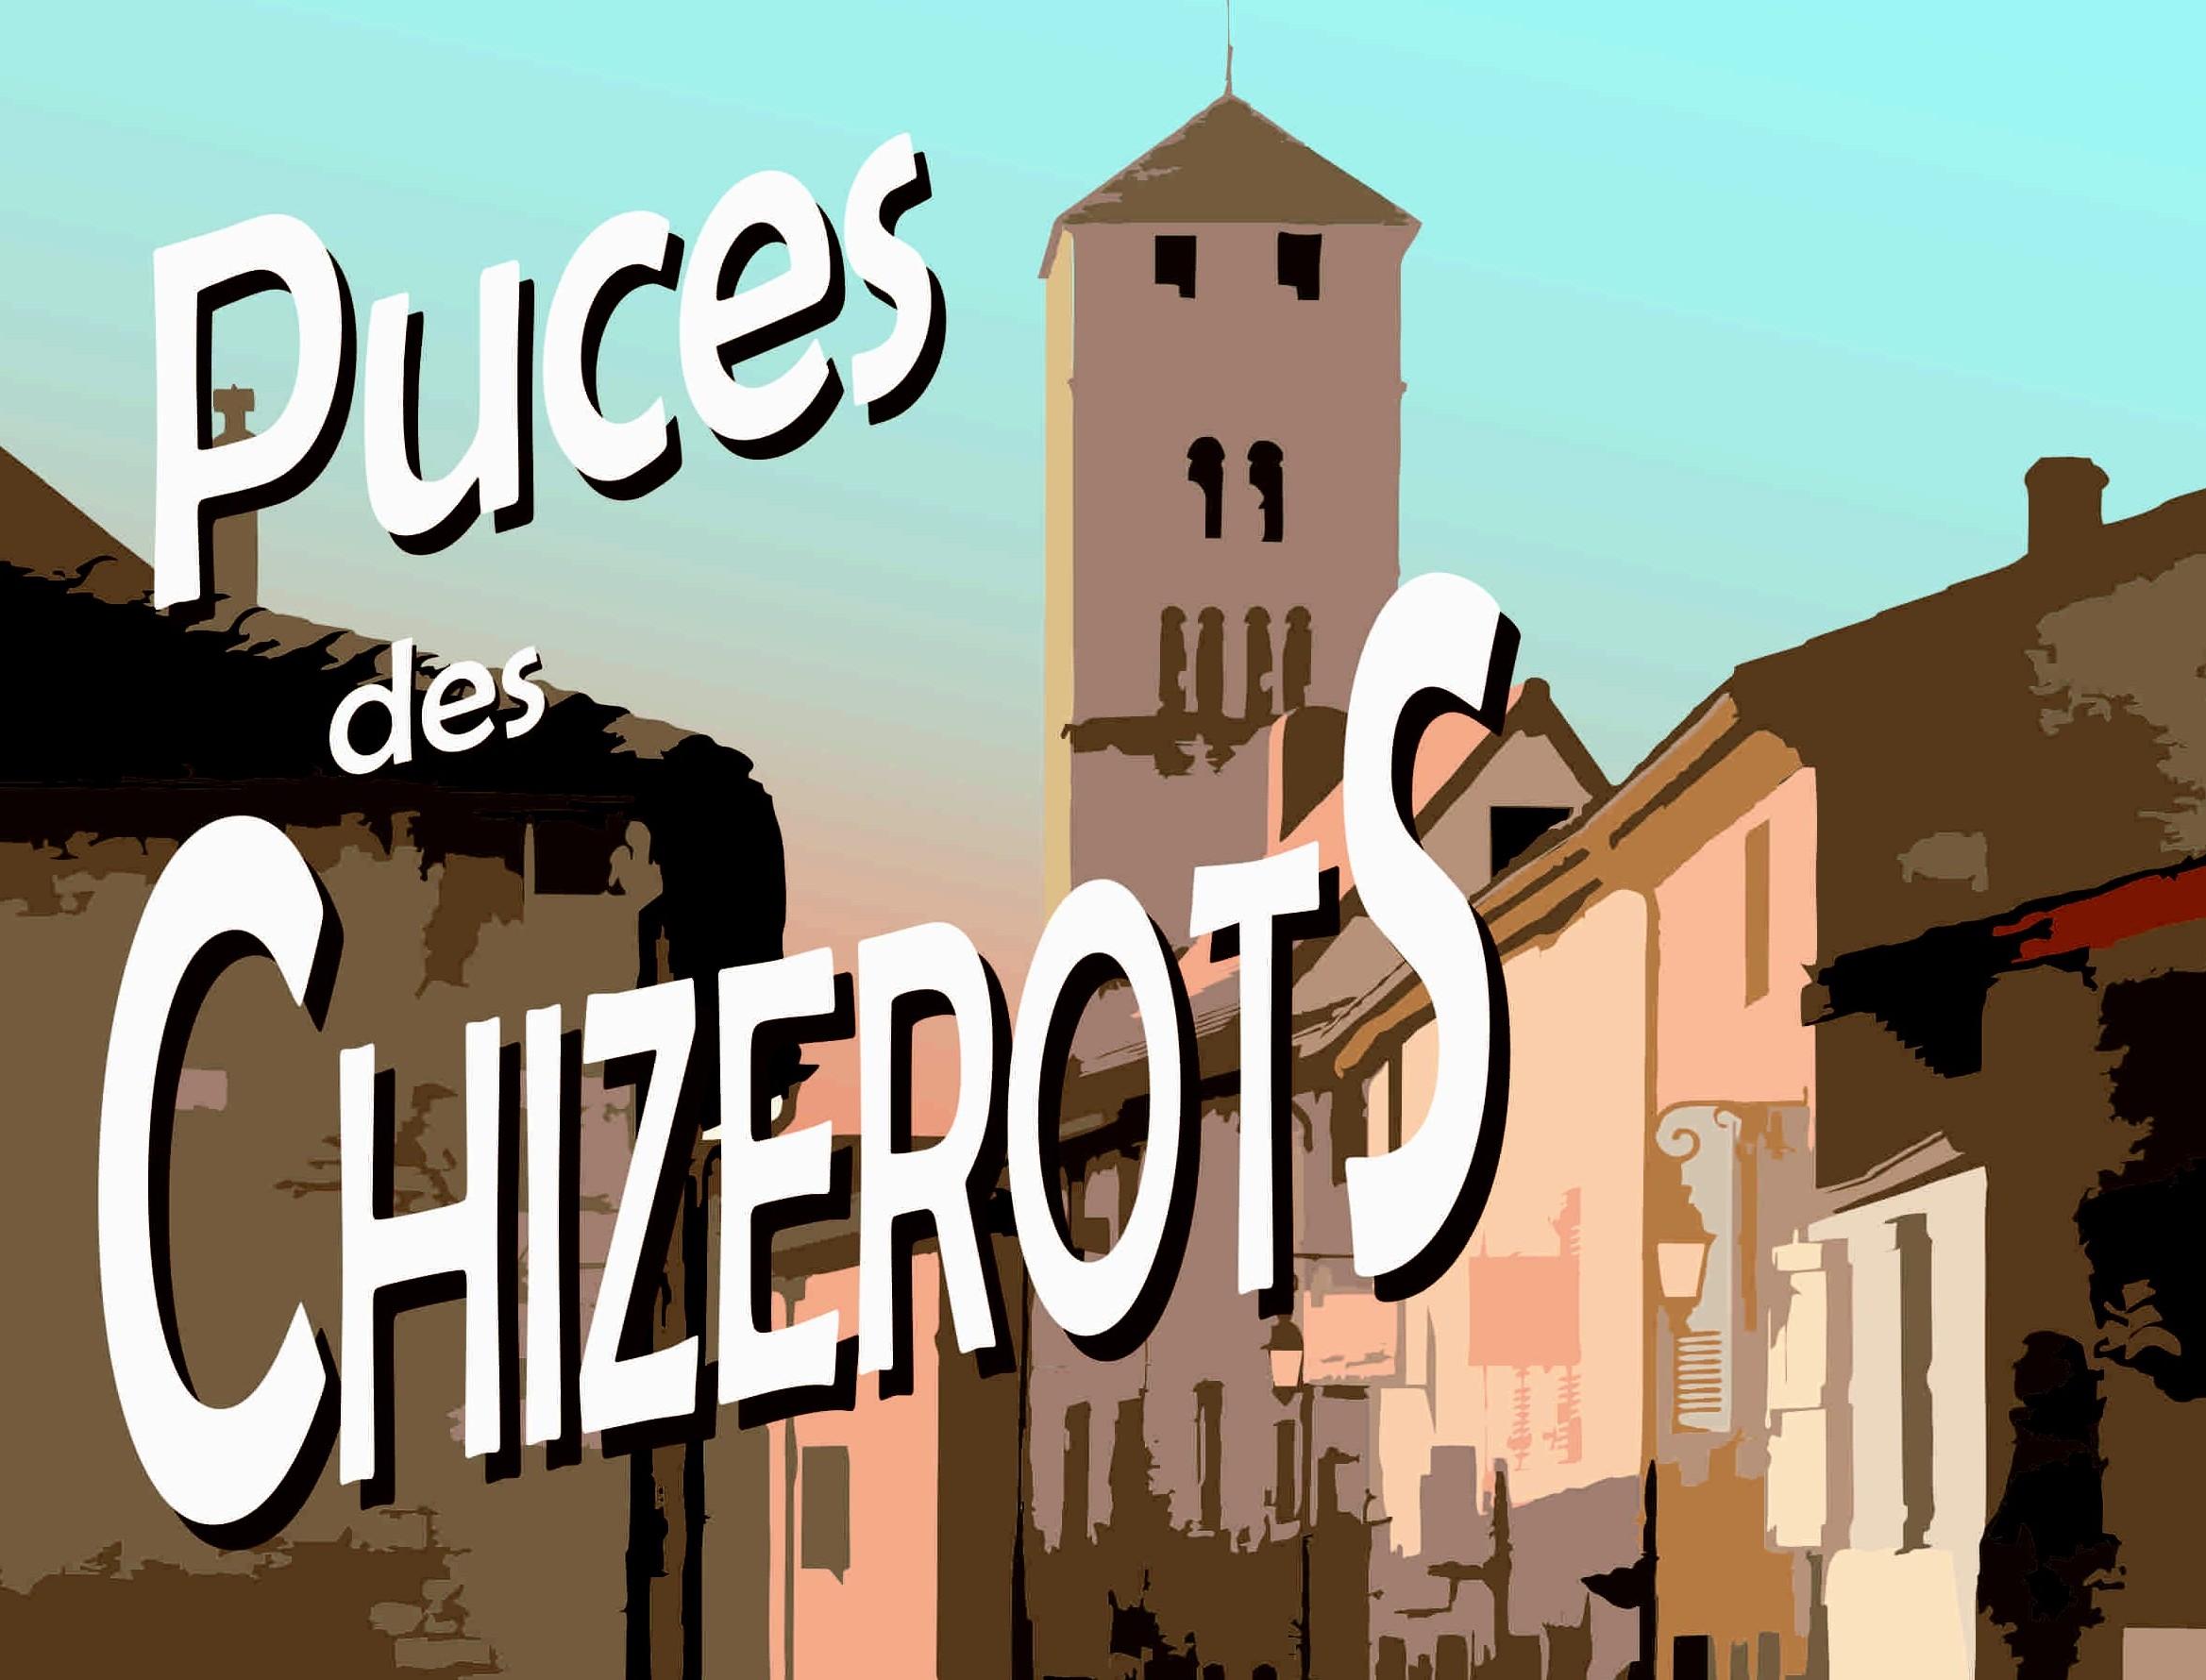 puces des chizerots affiche nov 2019.jpg